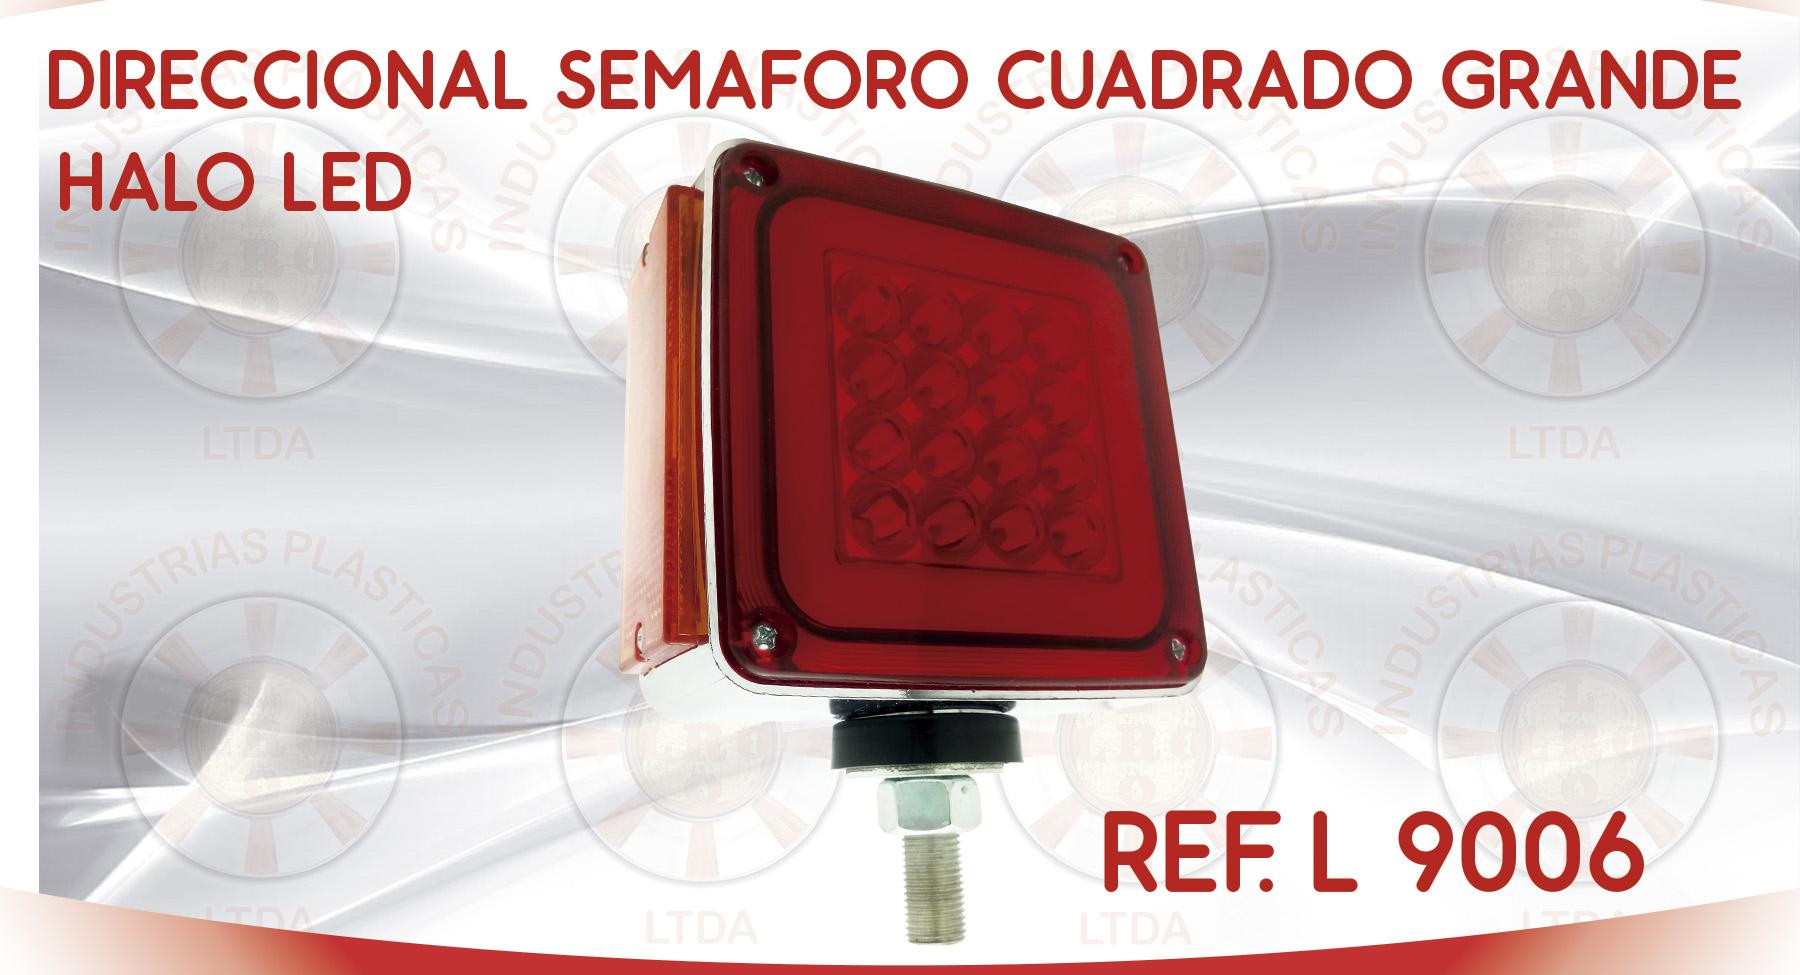 L 9006 DIRECCIONAL SEMAFORO CUADRADO GRANDE HALO LED